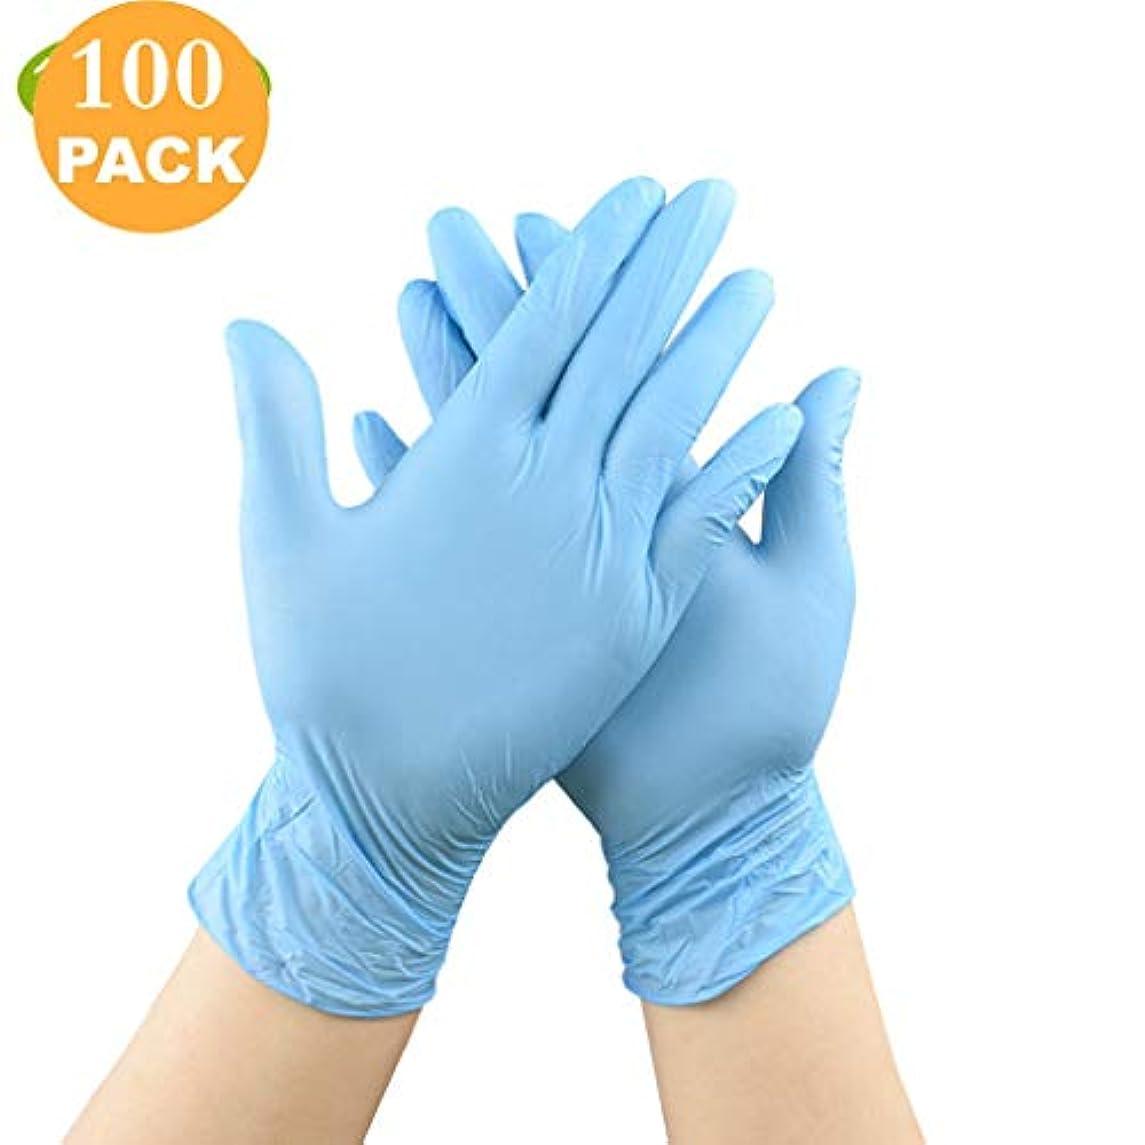 勧告高潔なピービッシュニトリル使い捨てケータリングケータリング家事保護の食品用ゴム手袋ゴム手袋耐性-100パーボックス (Color : Blue, Size : L)